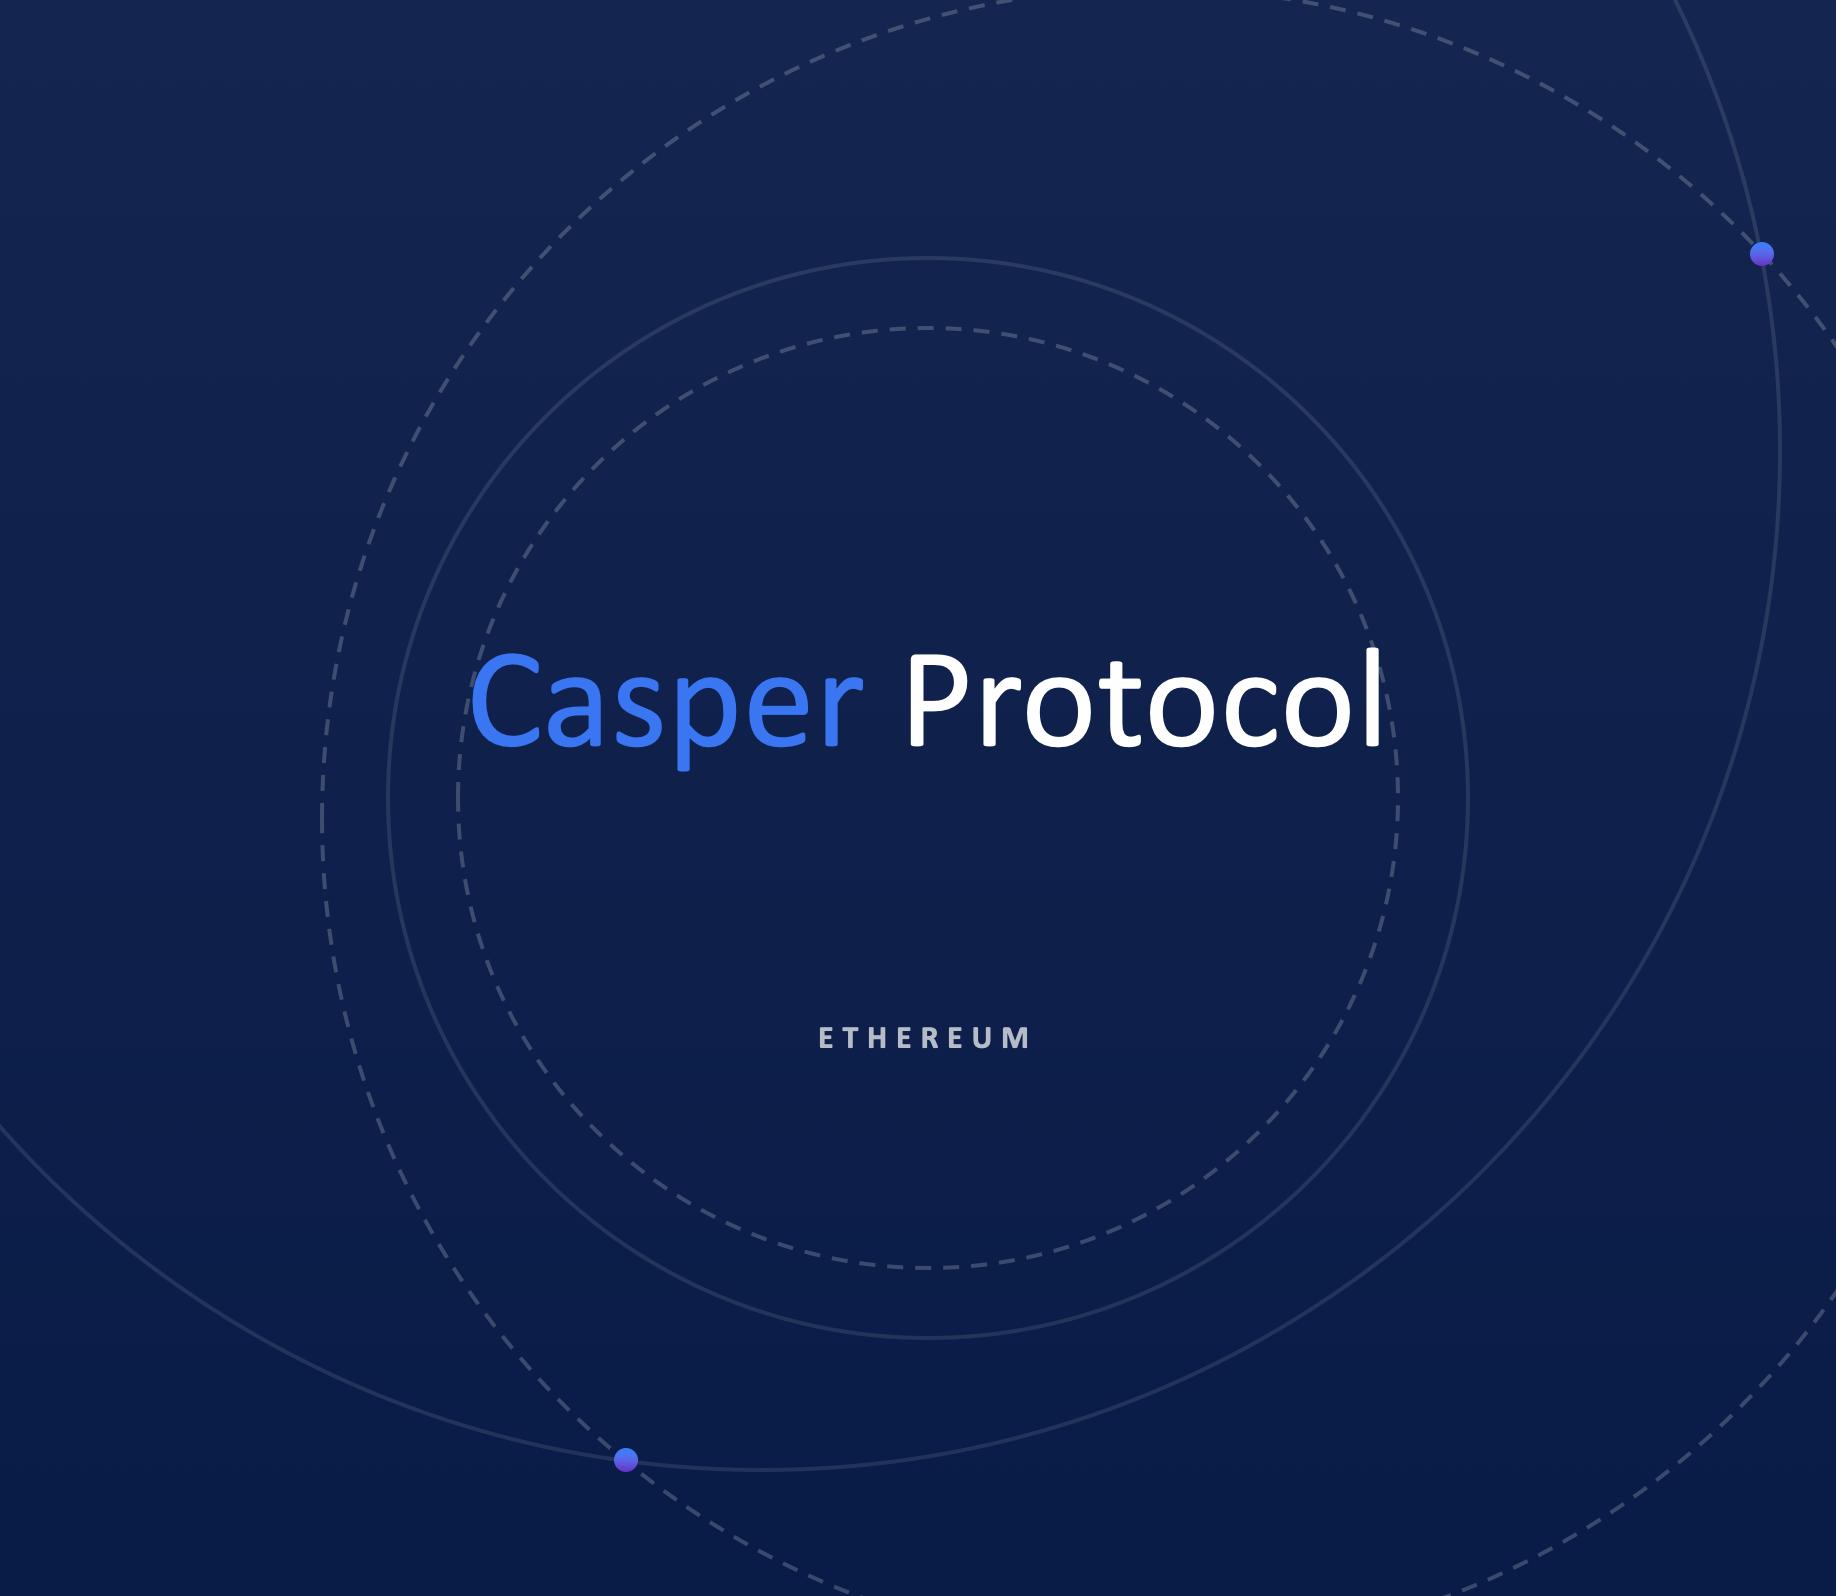 Casper Protocol